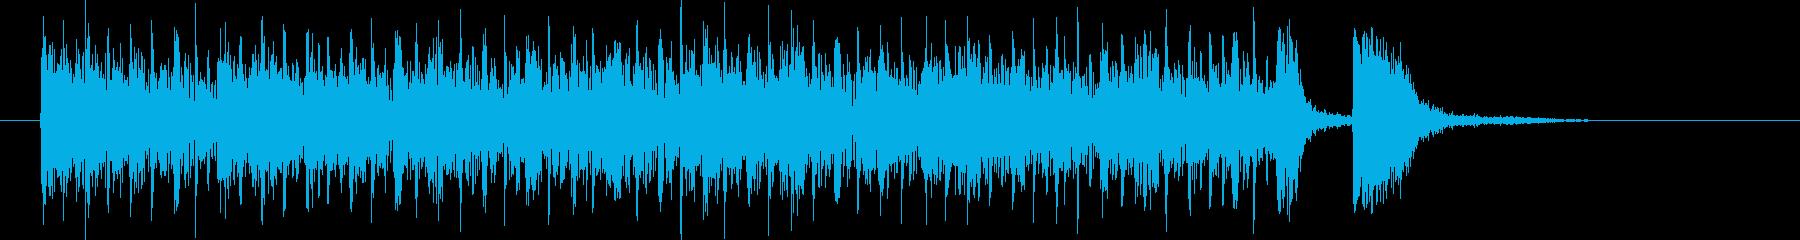 うねるベースと躍動感あるドラムのハウスの再生済みの波形